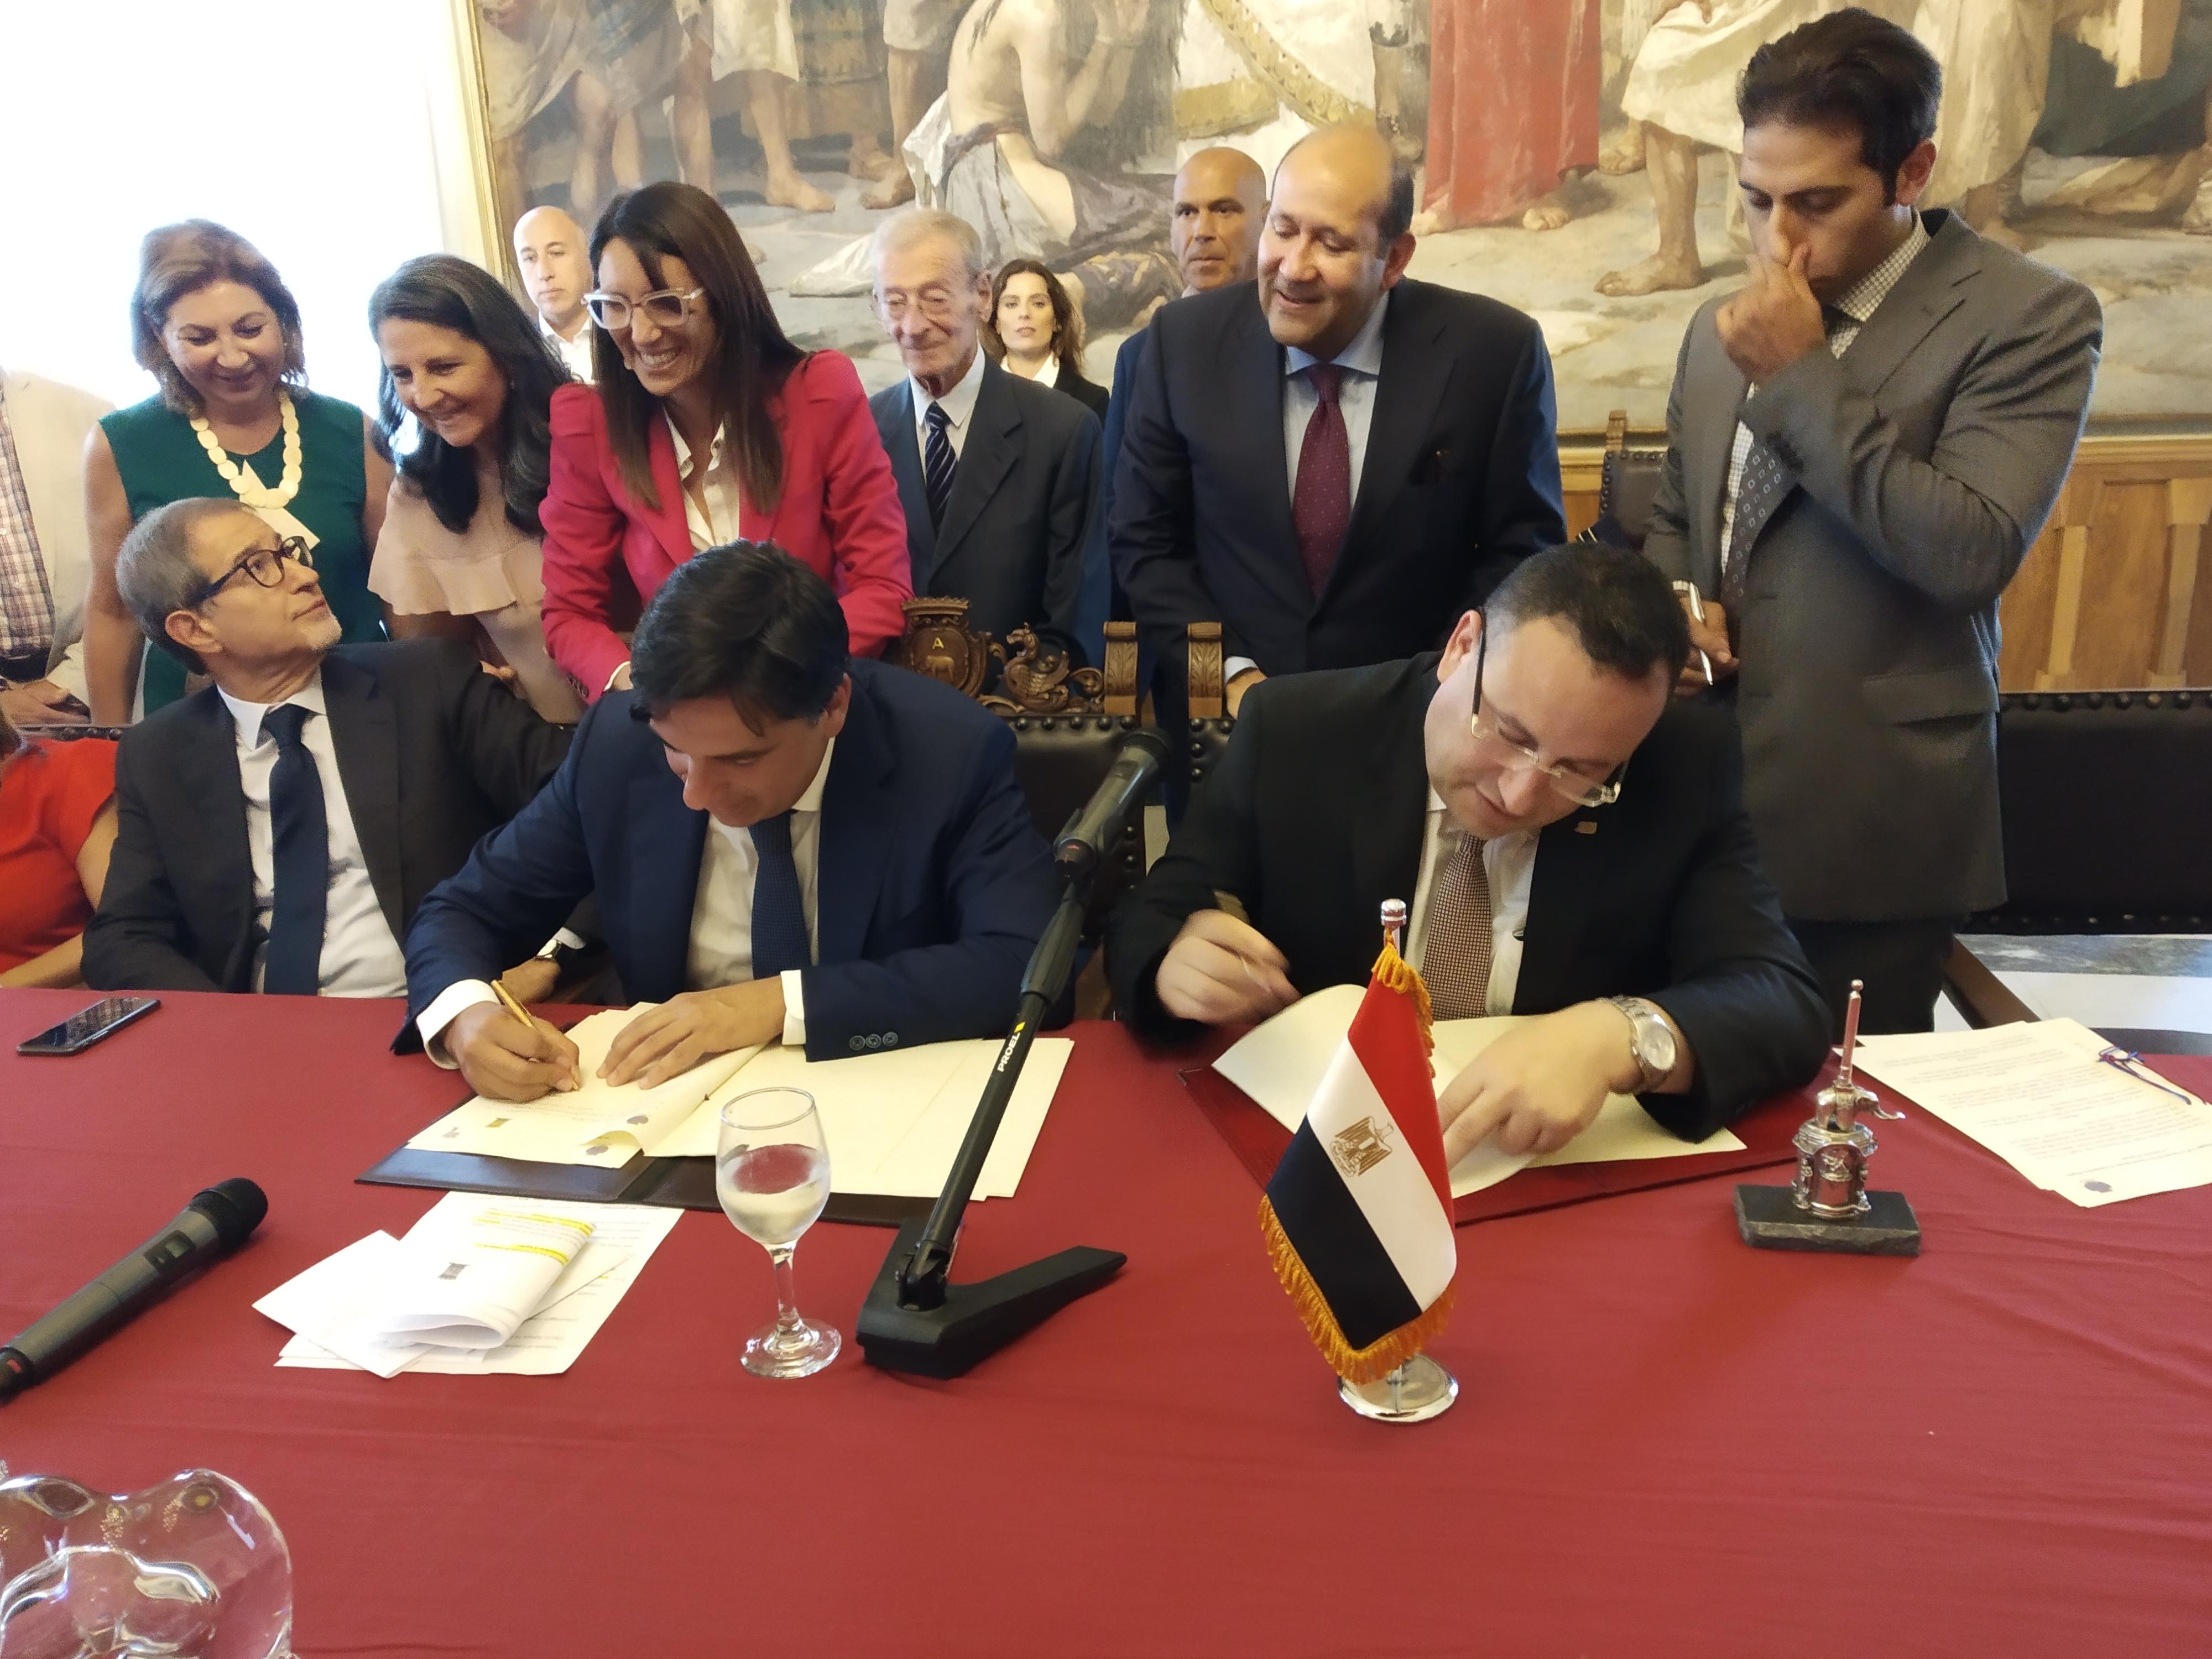 Patto di gemellaggio tra Catania e Alessandria d'Egitto